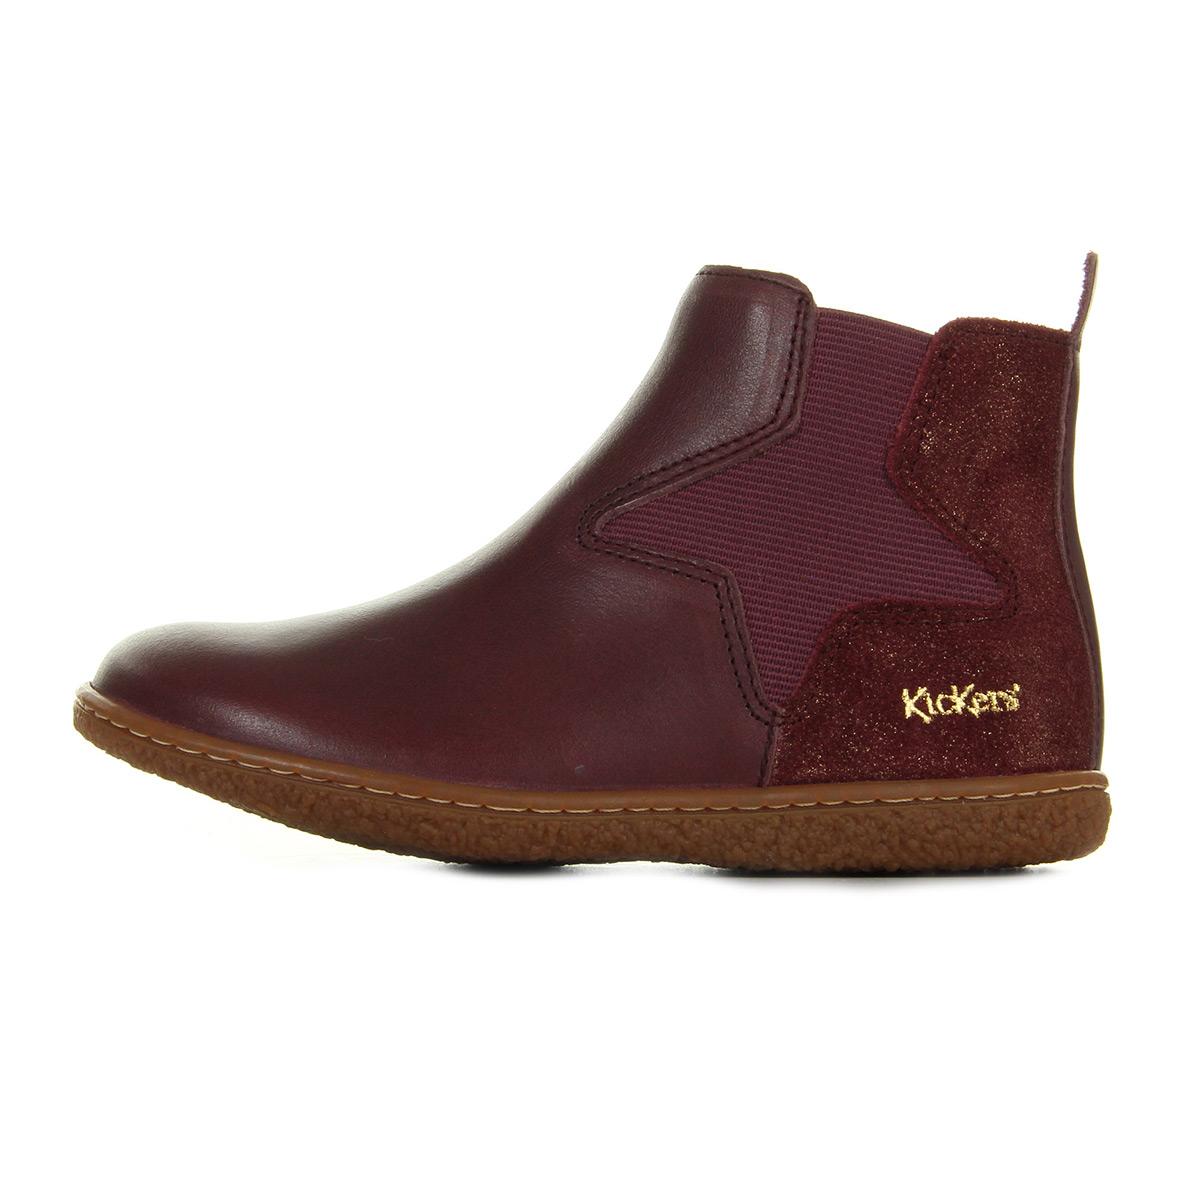 kickers vermillon cuir vintage bordeaux 5087413018 bottes. Black Bedroom Furniture Sets. Home Design Ideas